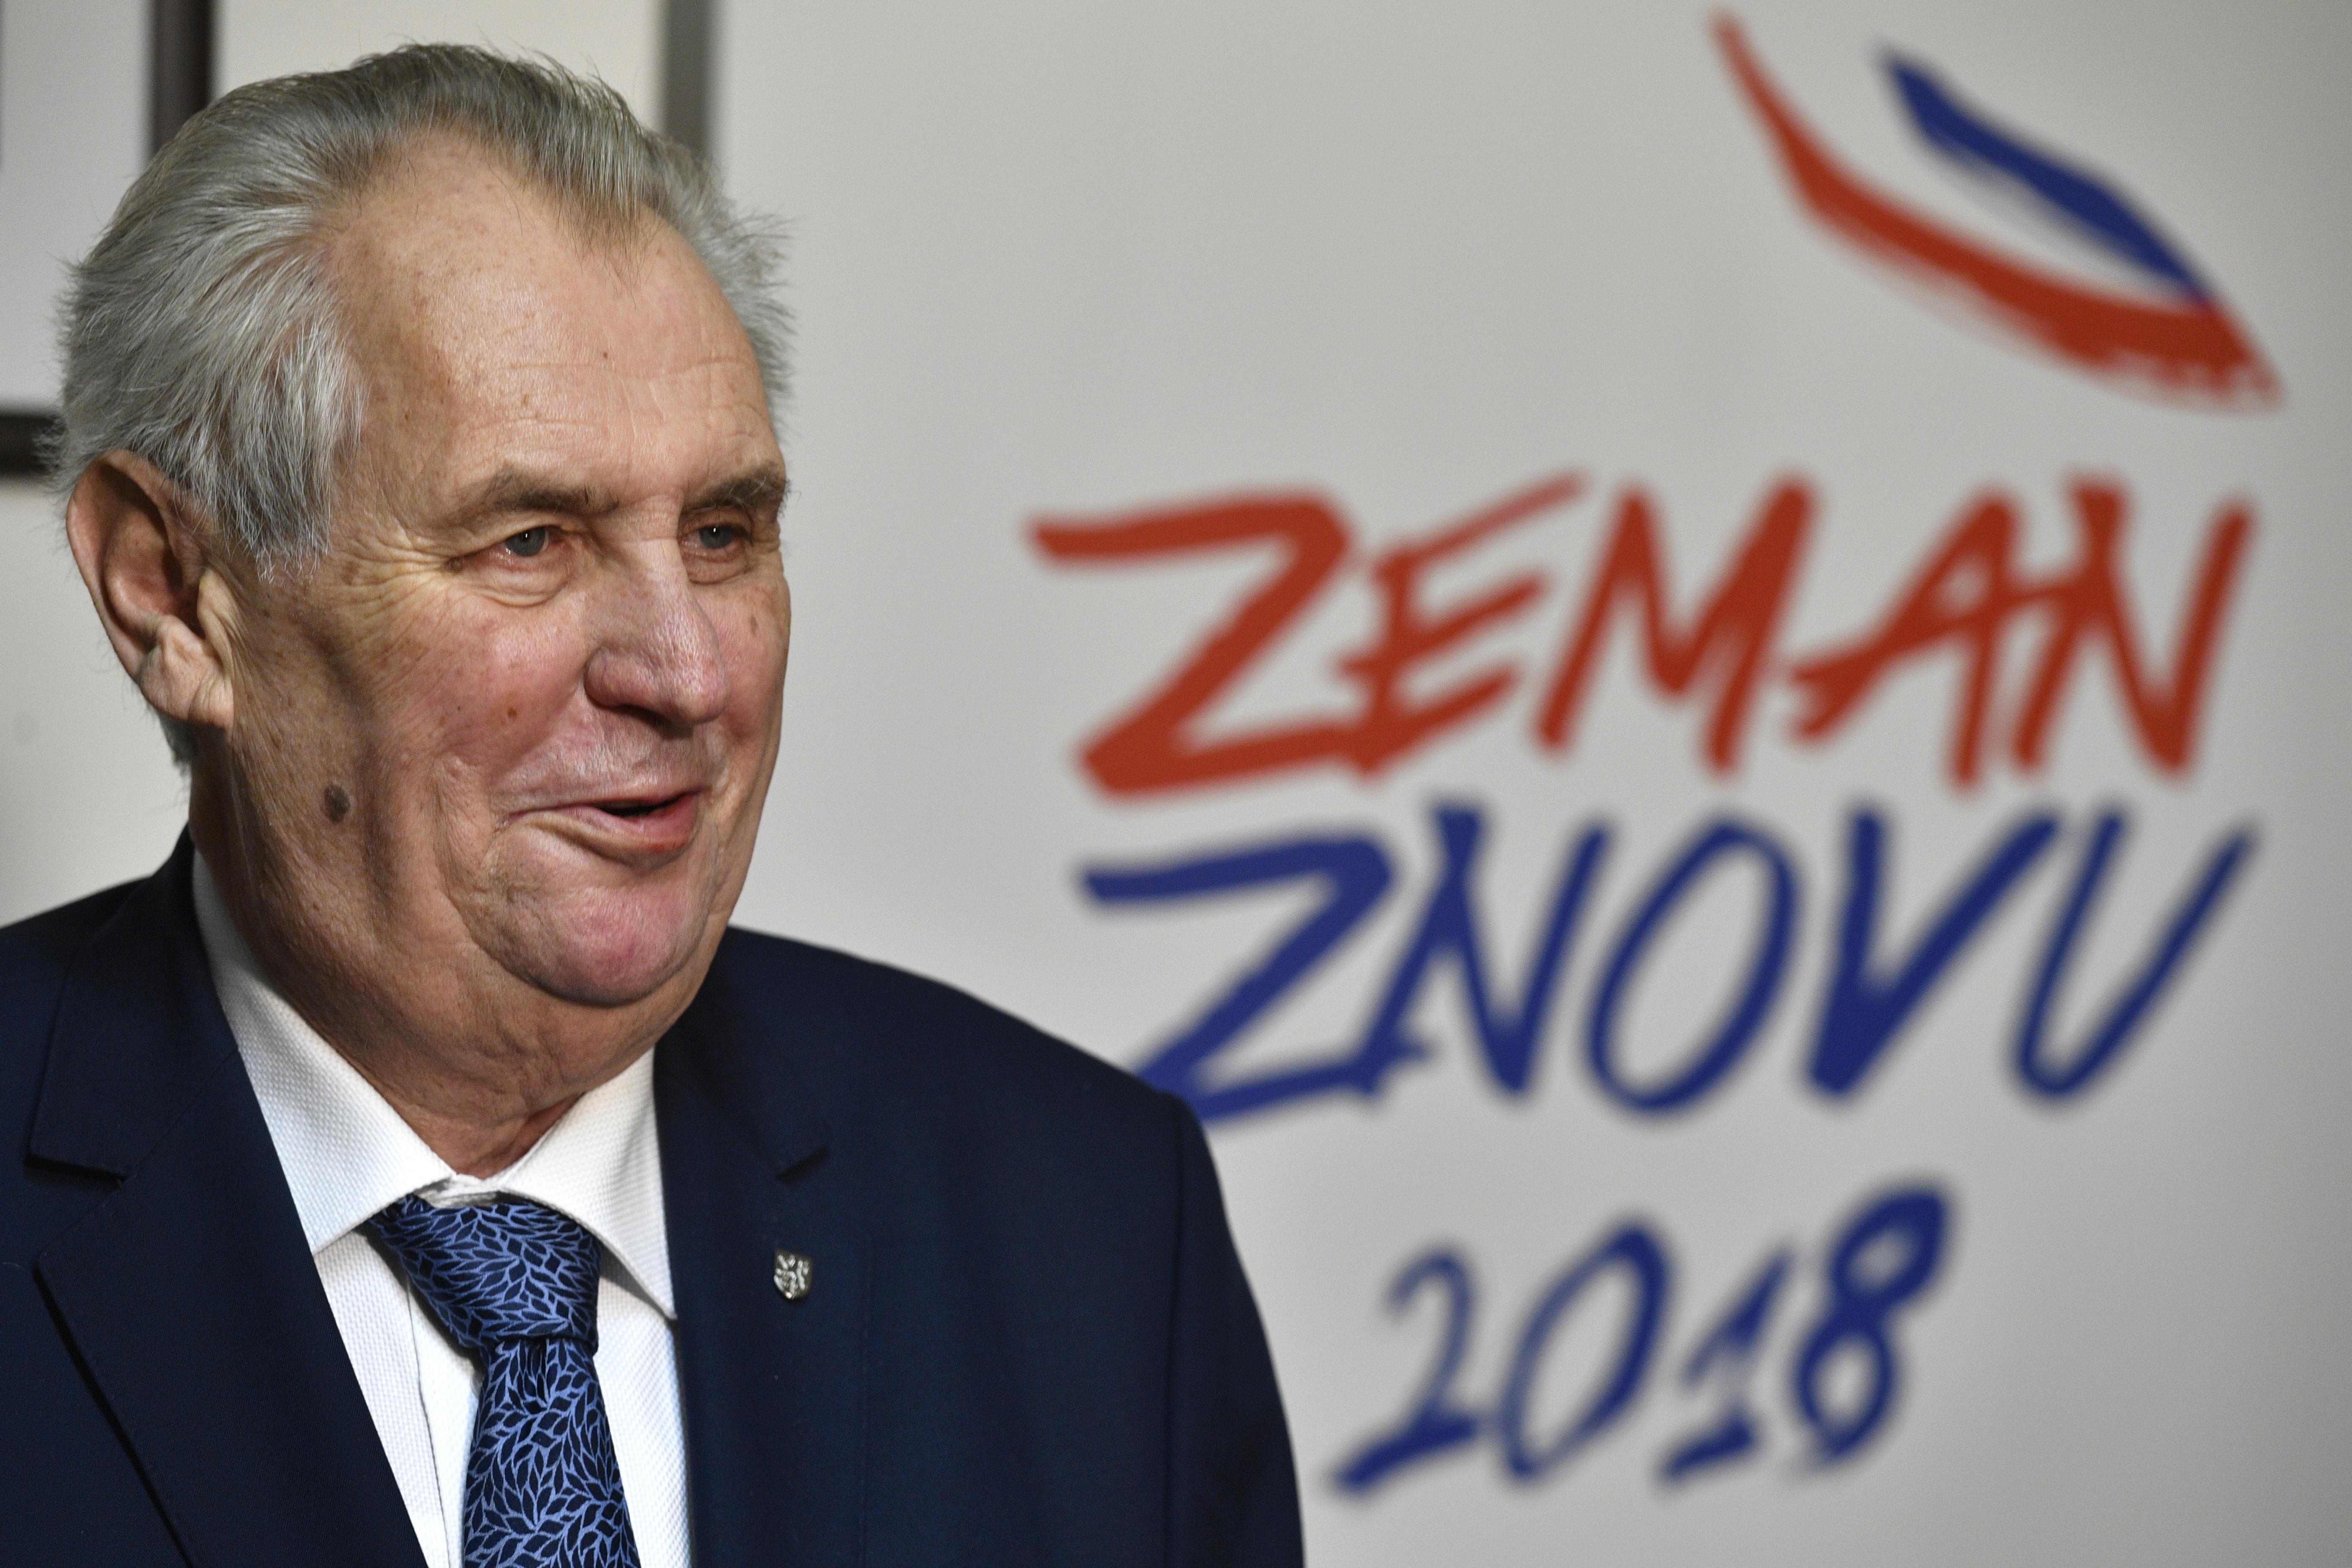 捷克於12和13日舉行總統選舉,親俄羅斯的現任總統齊曼(Milos Zeman)在首輪投票取得領先地位,(美聯社)